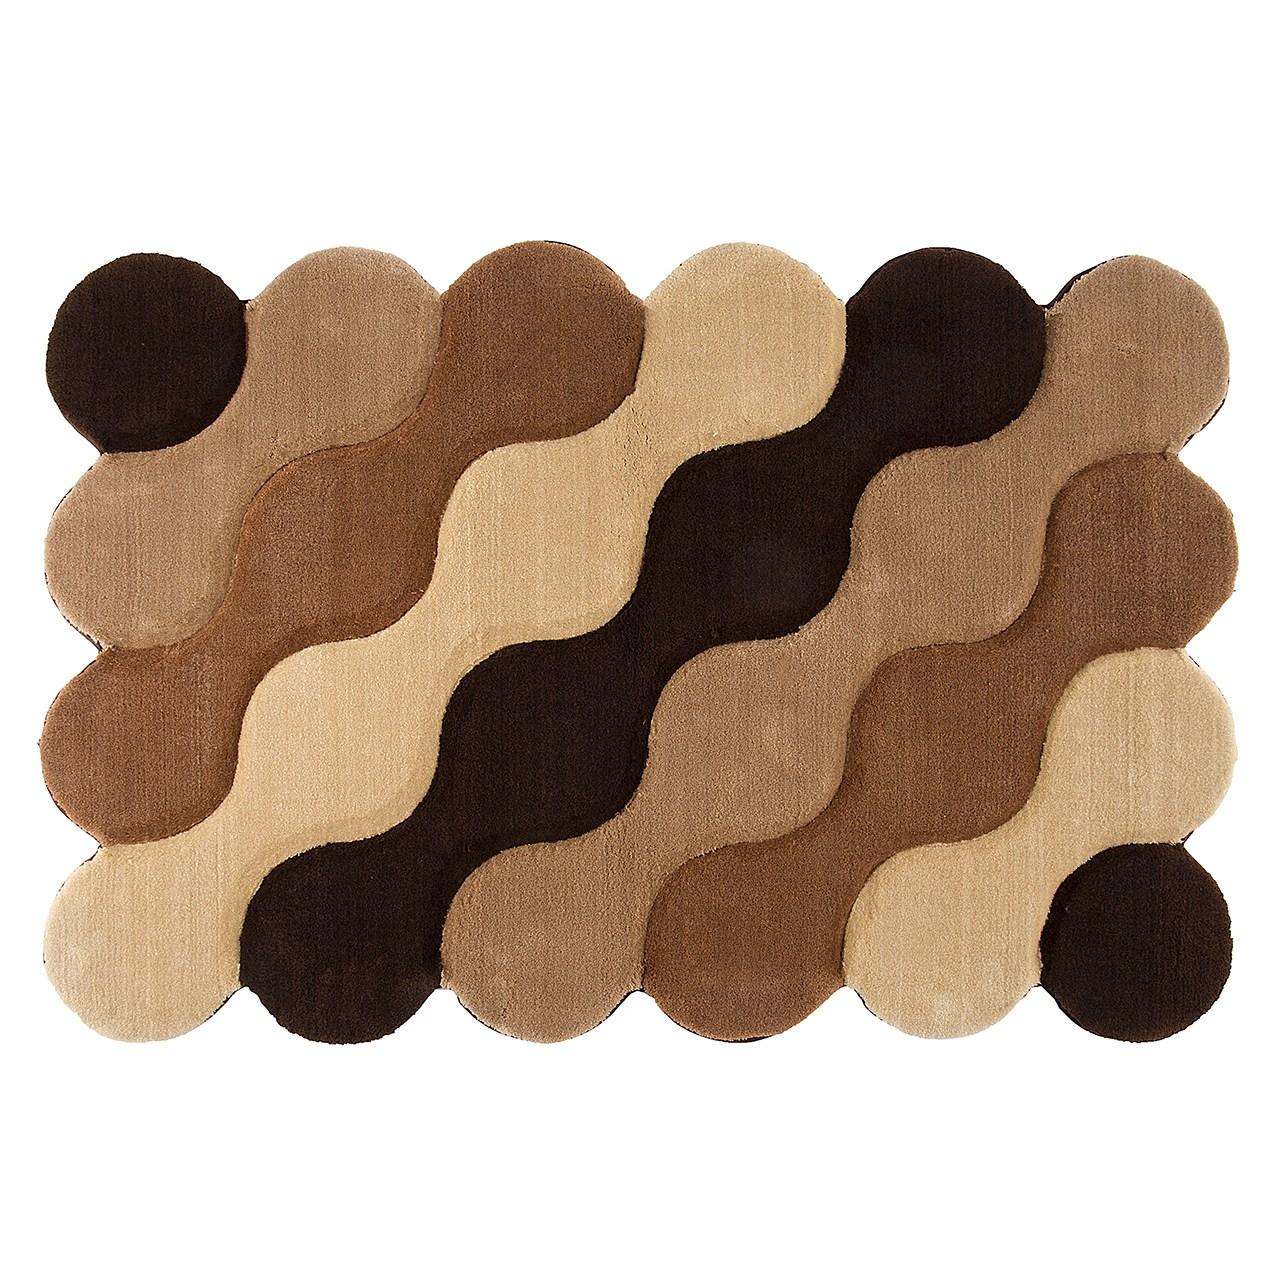 فرش تزیینی زرباف مدل موج سایز 80 × 120 سانتی متر